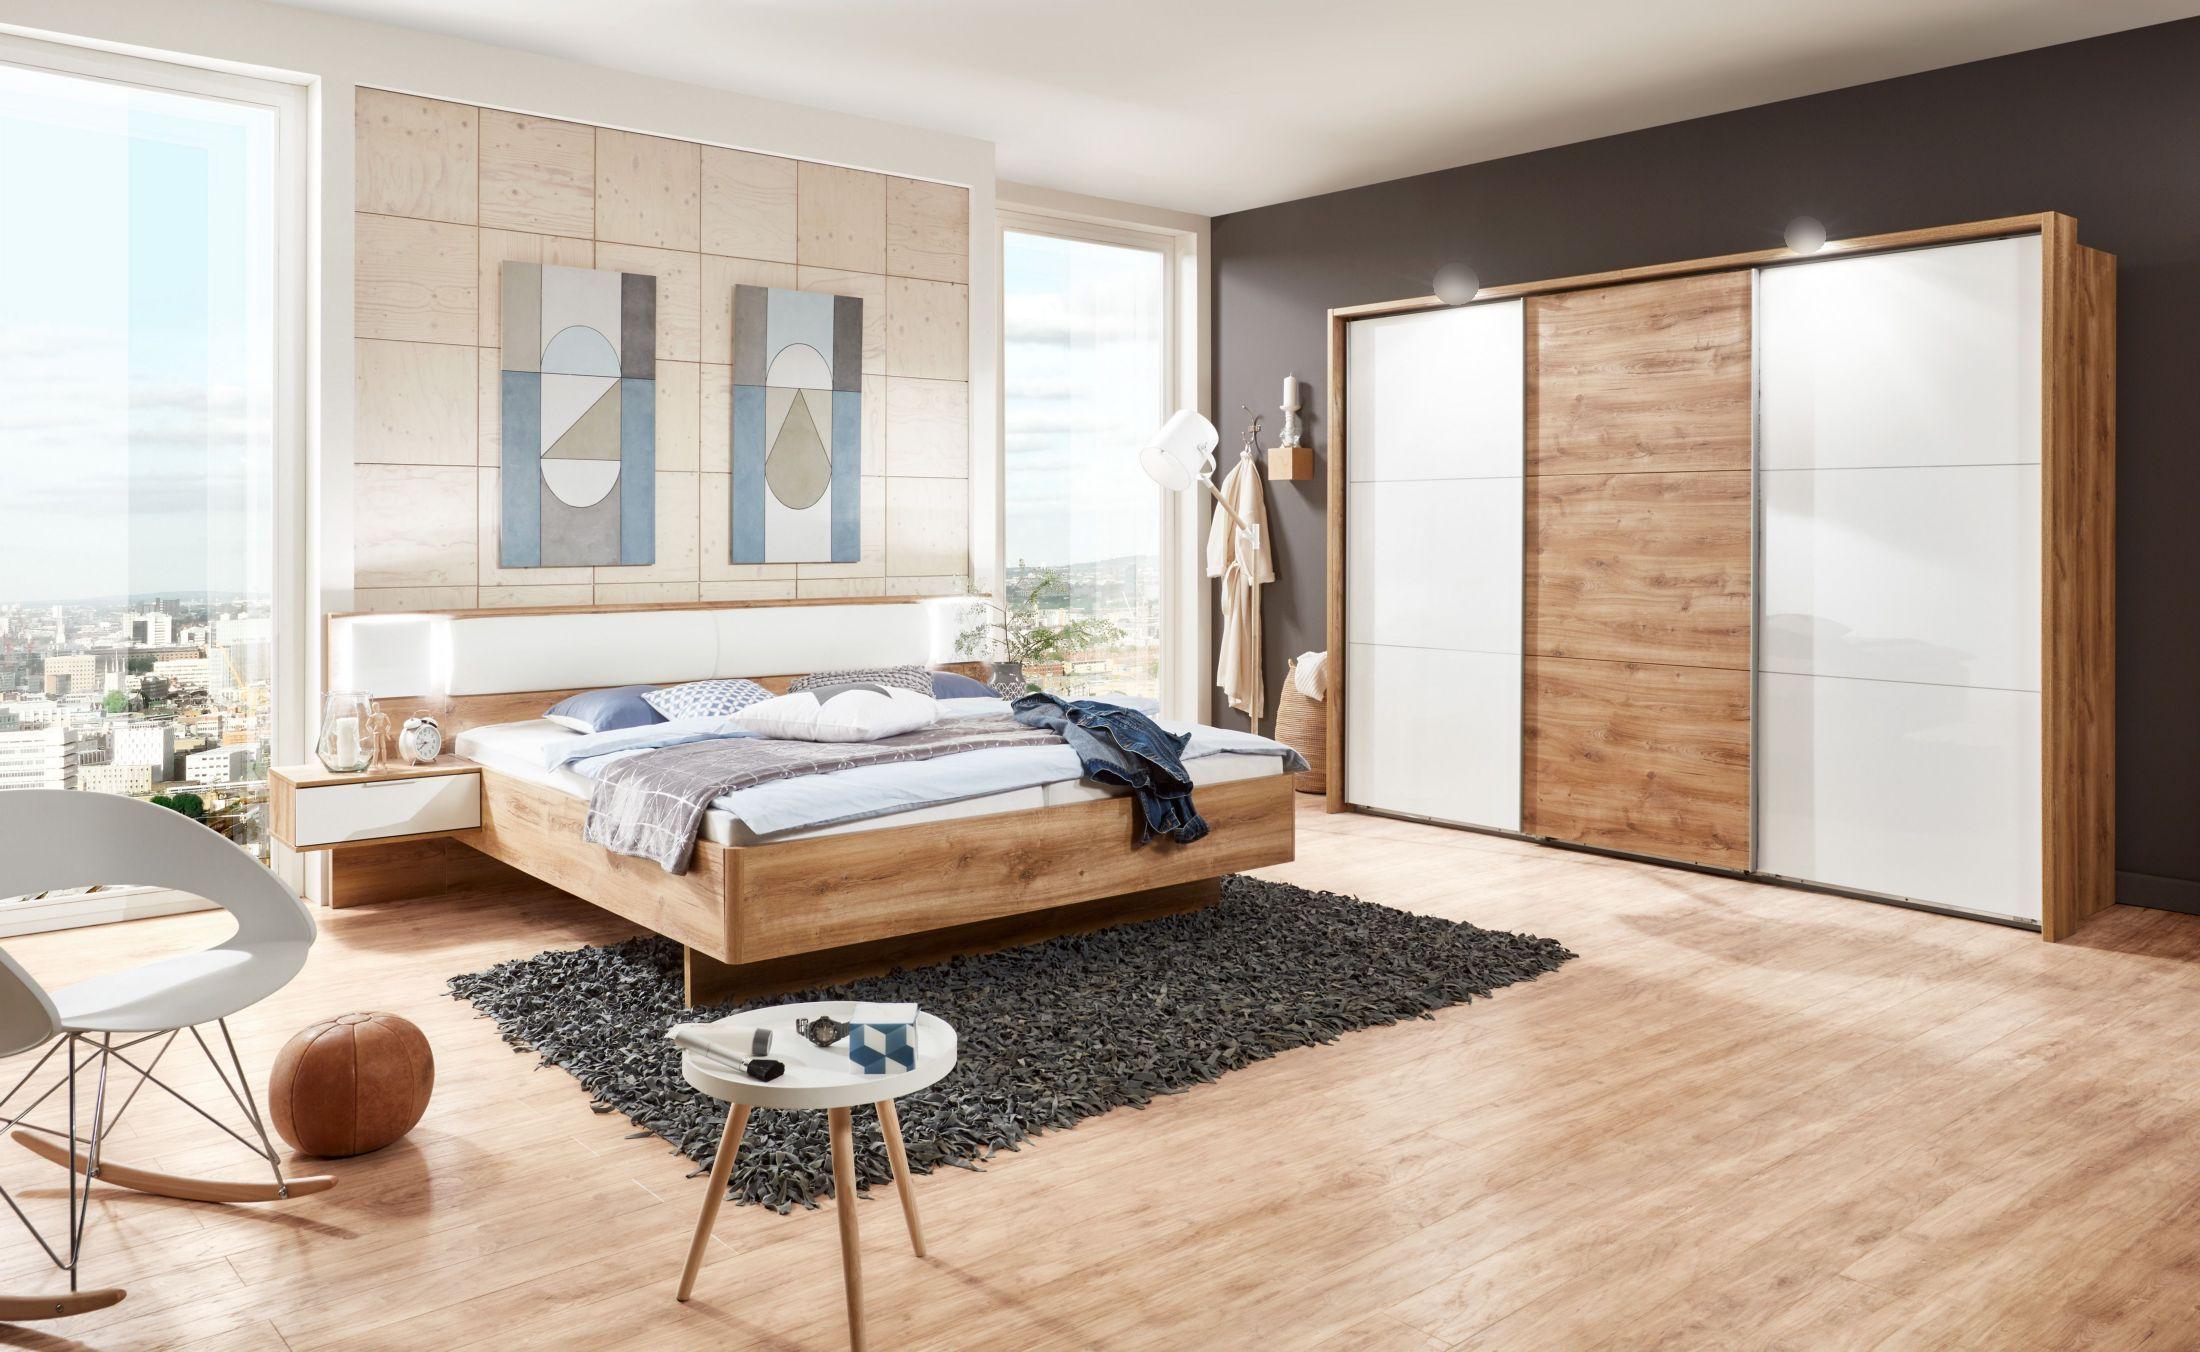 Schlafzimmer 3 Tlg Plankeneiche Weiss Hochglanz Lack Wimex Arhus